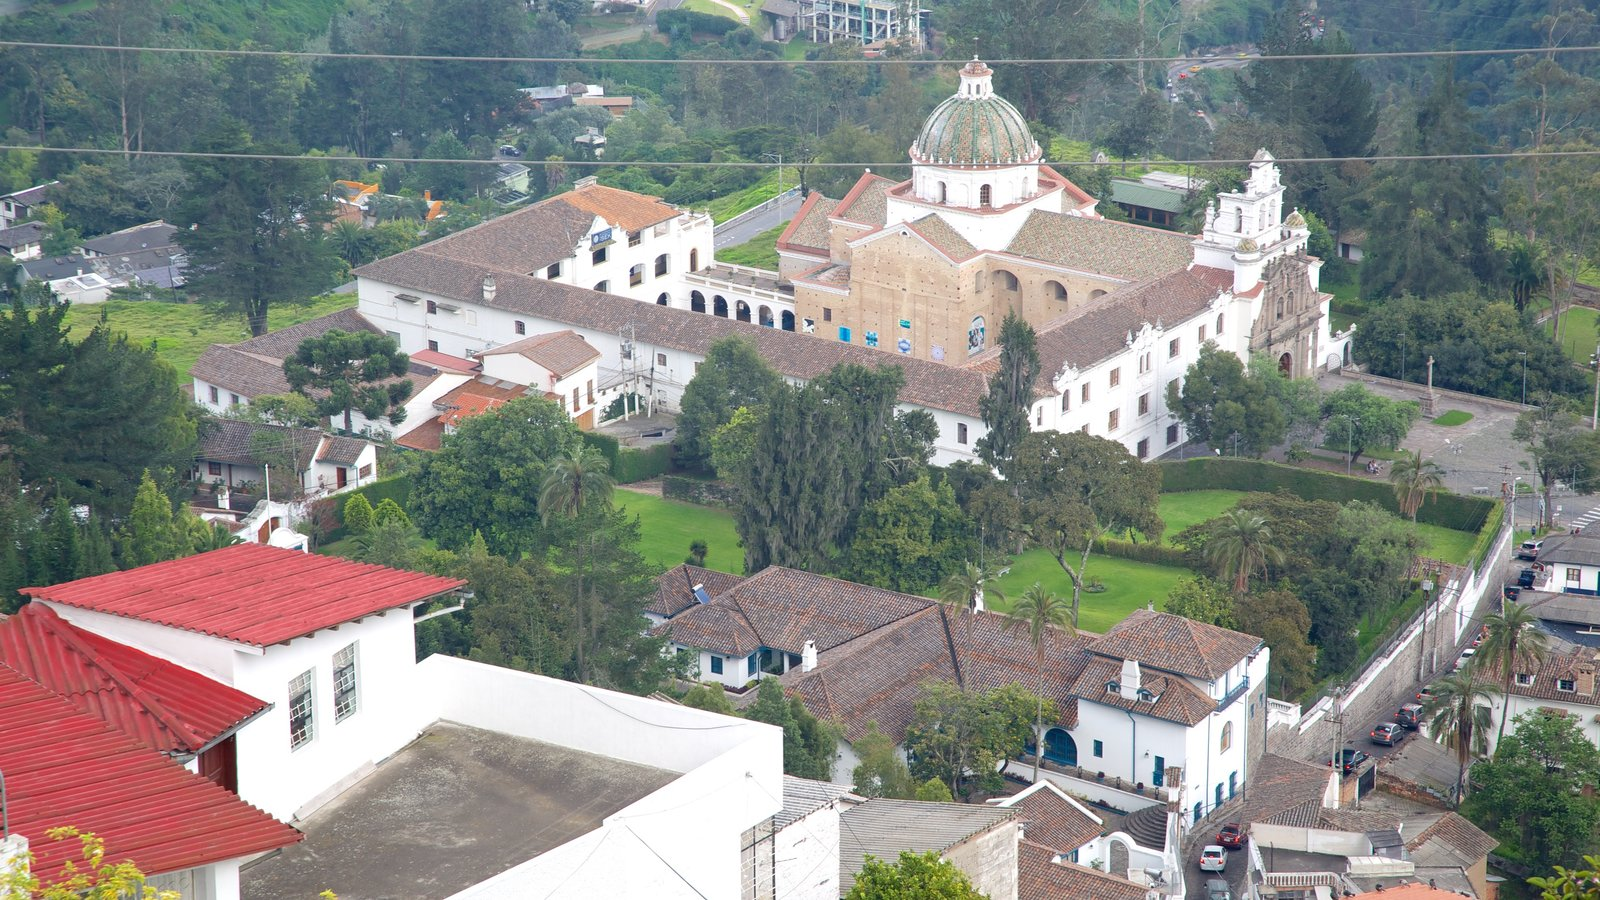 Guapulo que inclui um pequeno castelo ou palácio